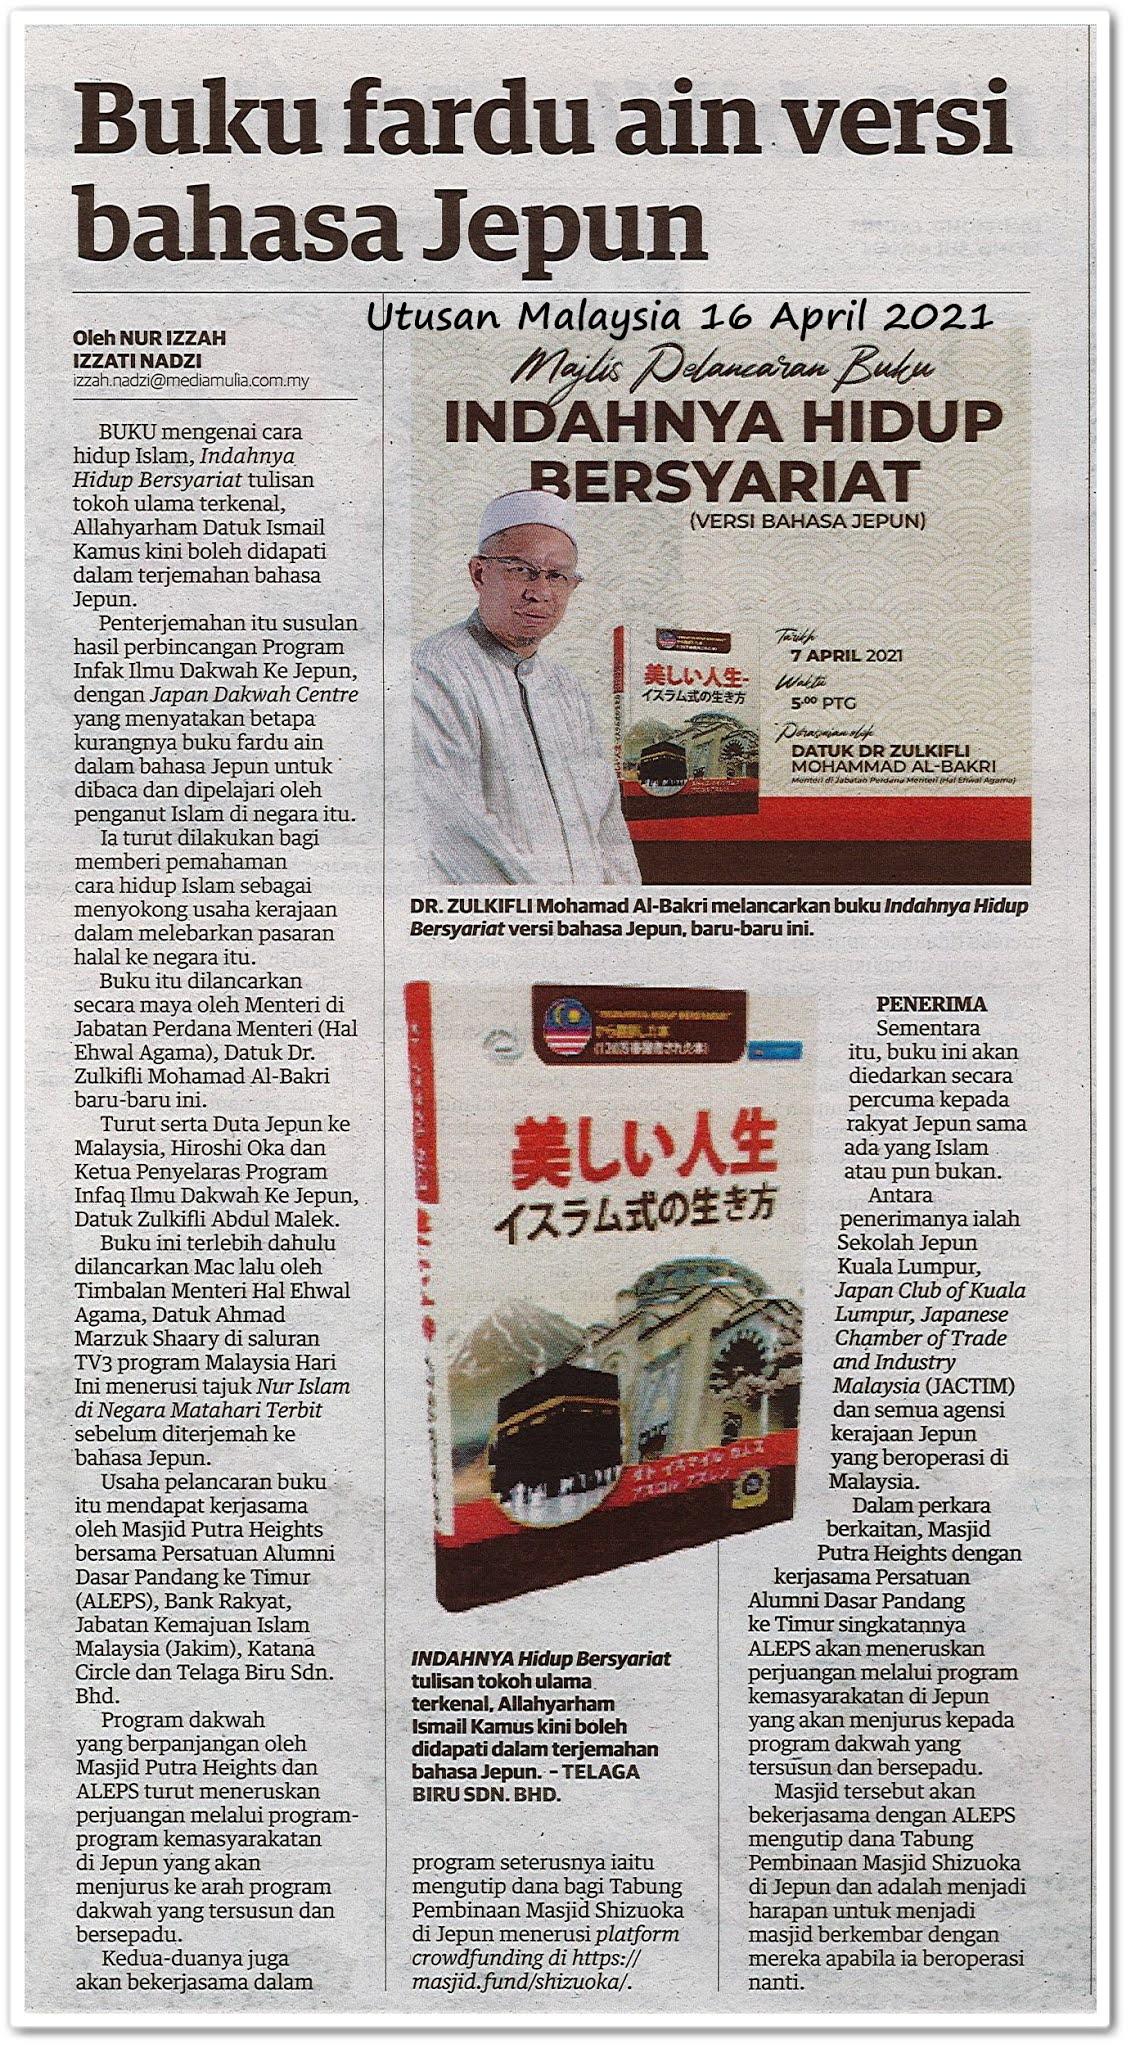 Buku fardu ain versi bahasa Jepun - Keratan akhbar Utusan Malaysia 16 April 2021